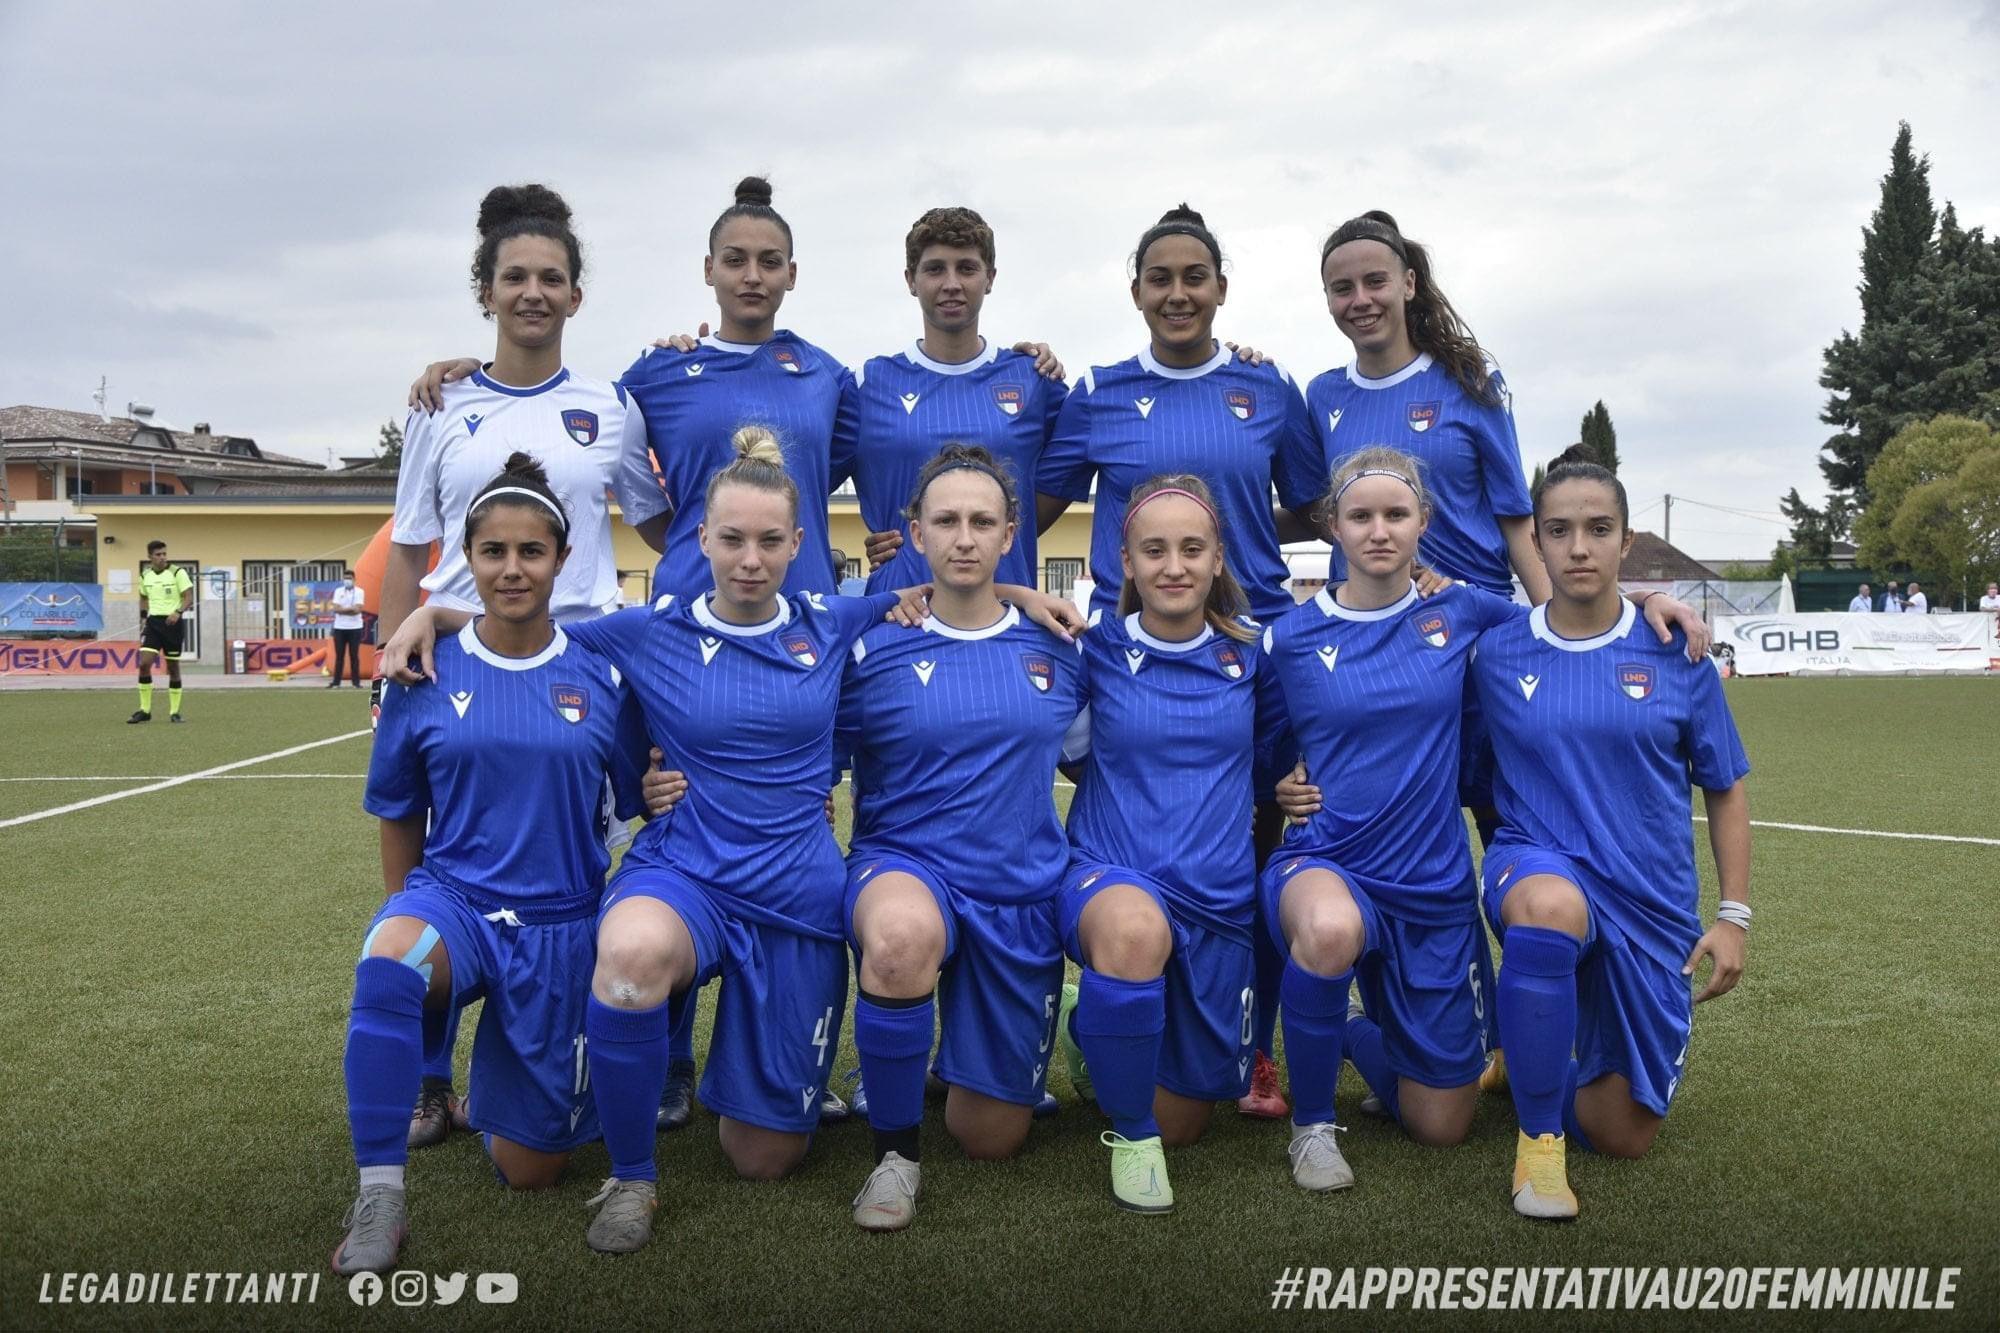 Sciarrone e Zanetti protagoniste con la Rappresentativa Nazionale LND Under 20